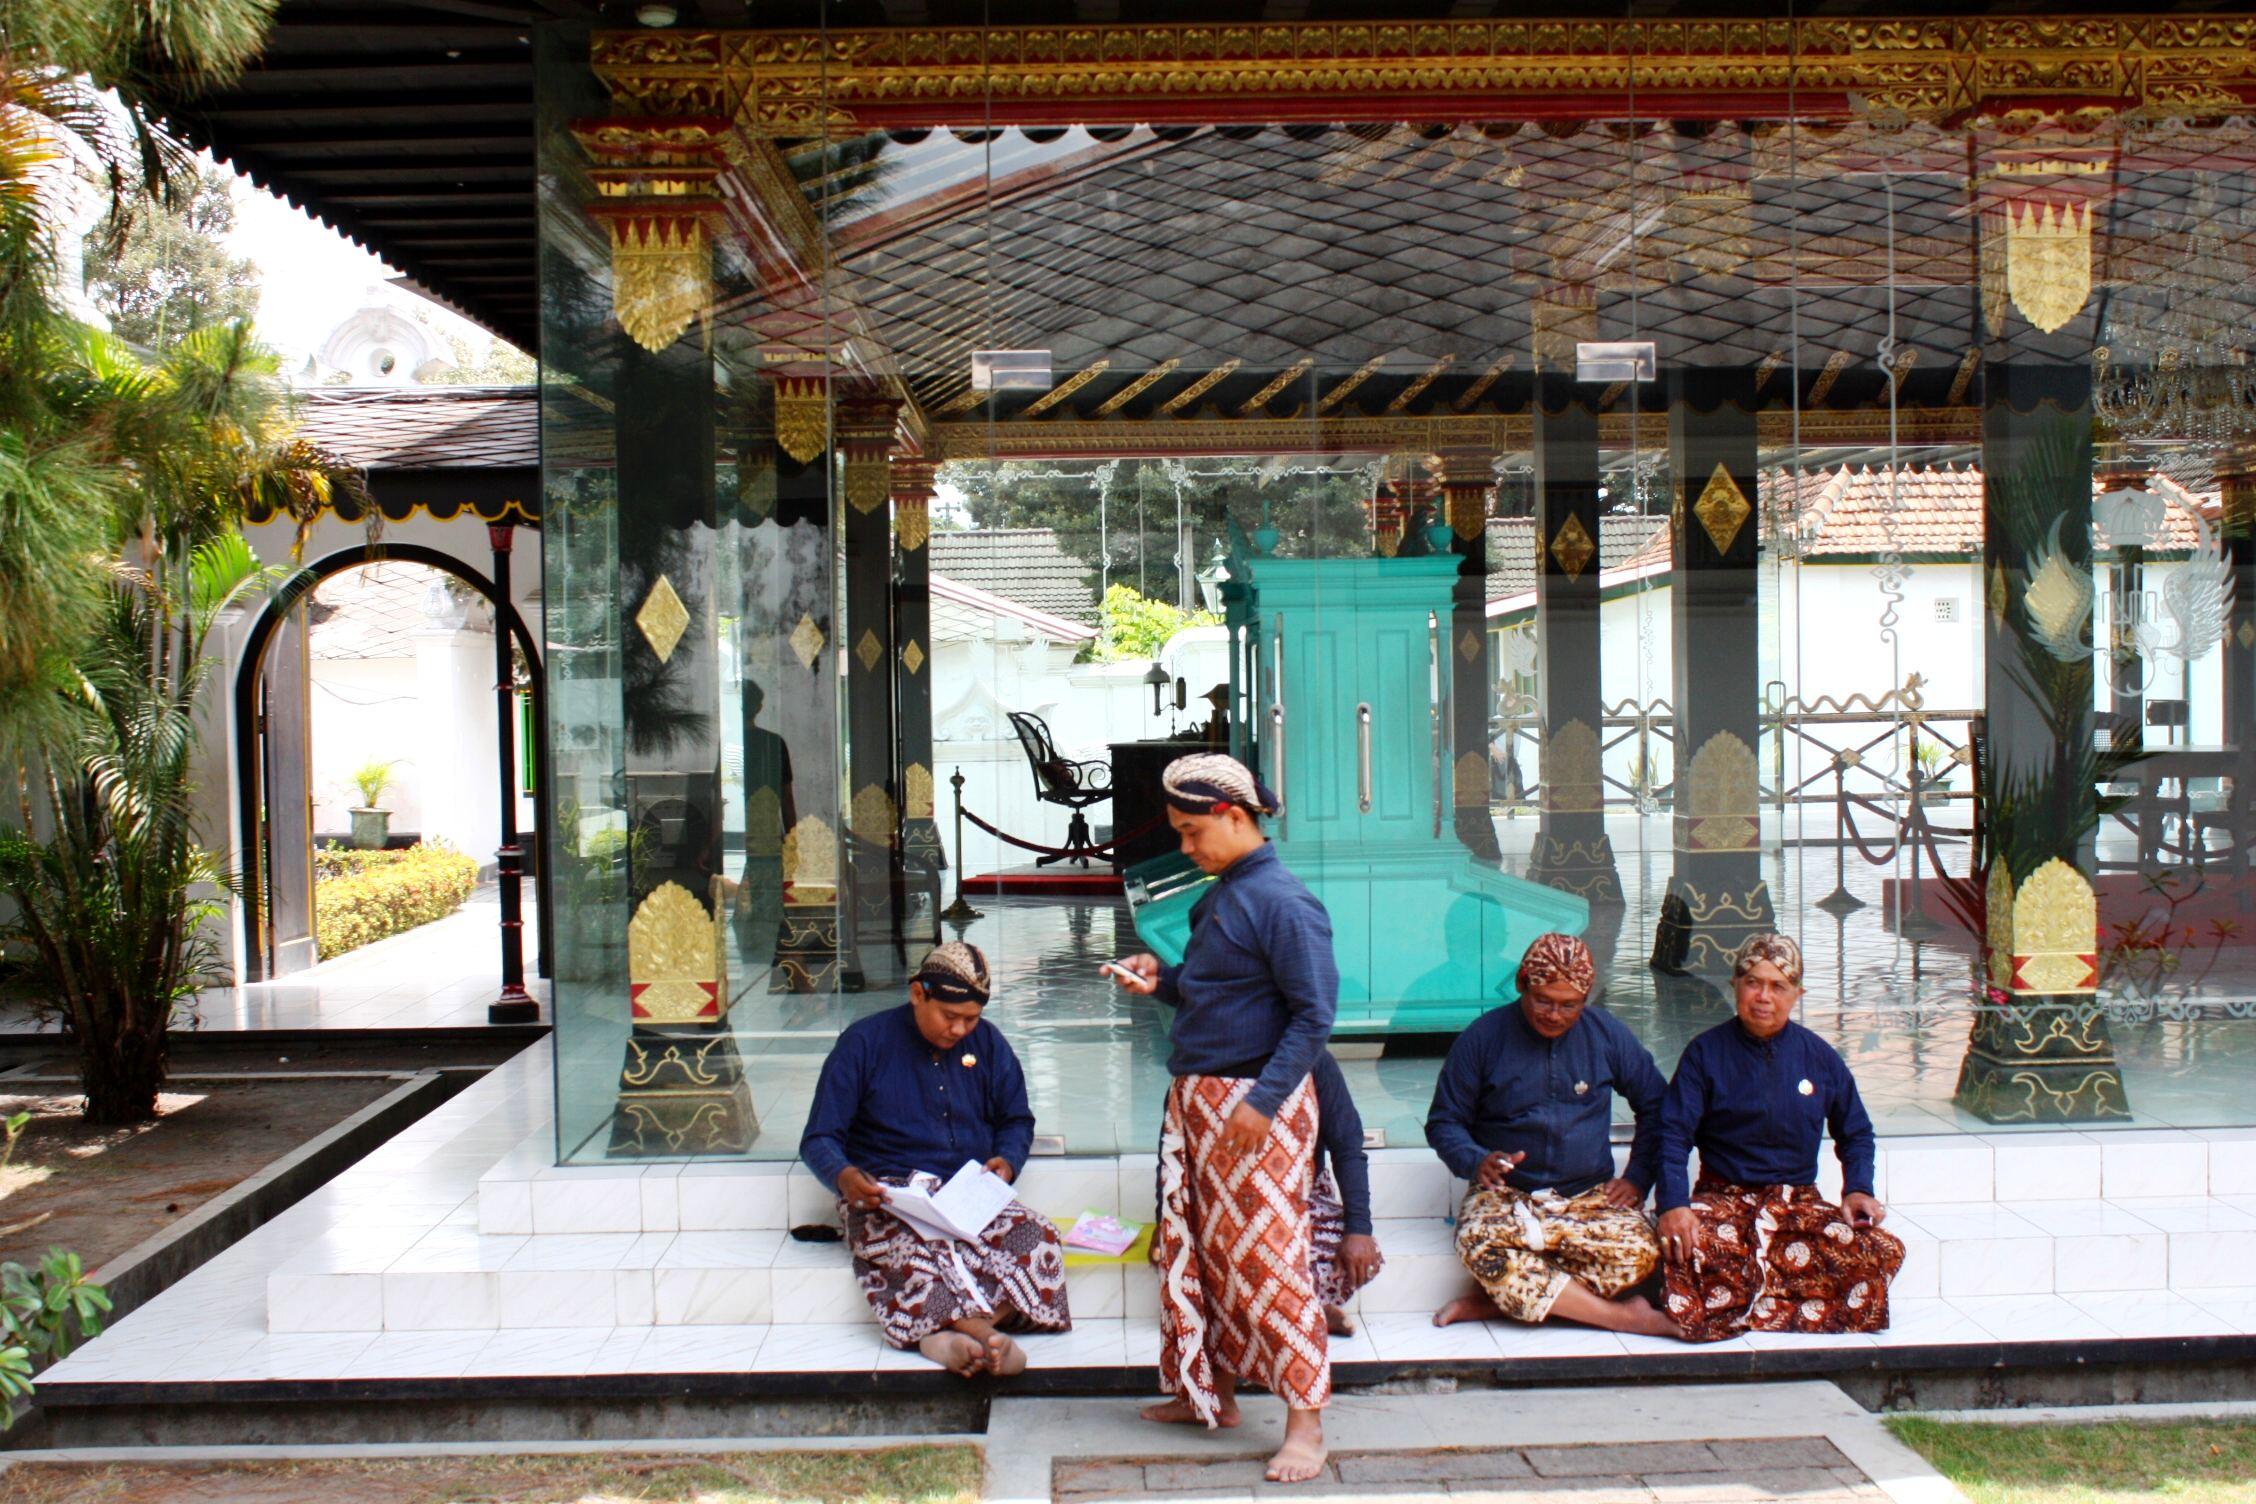 Jour 1 : Arrivee à YOGYAKARTA